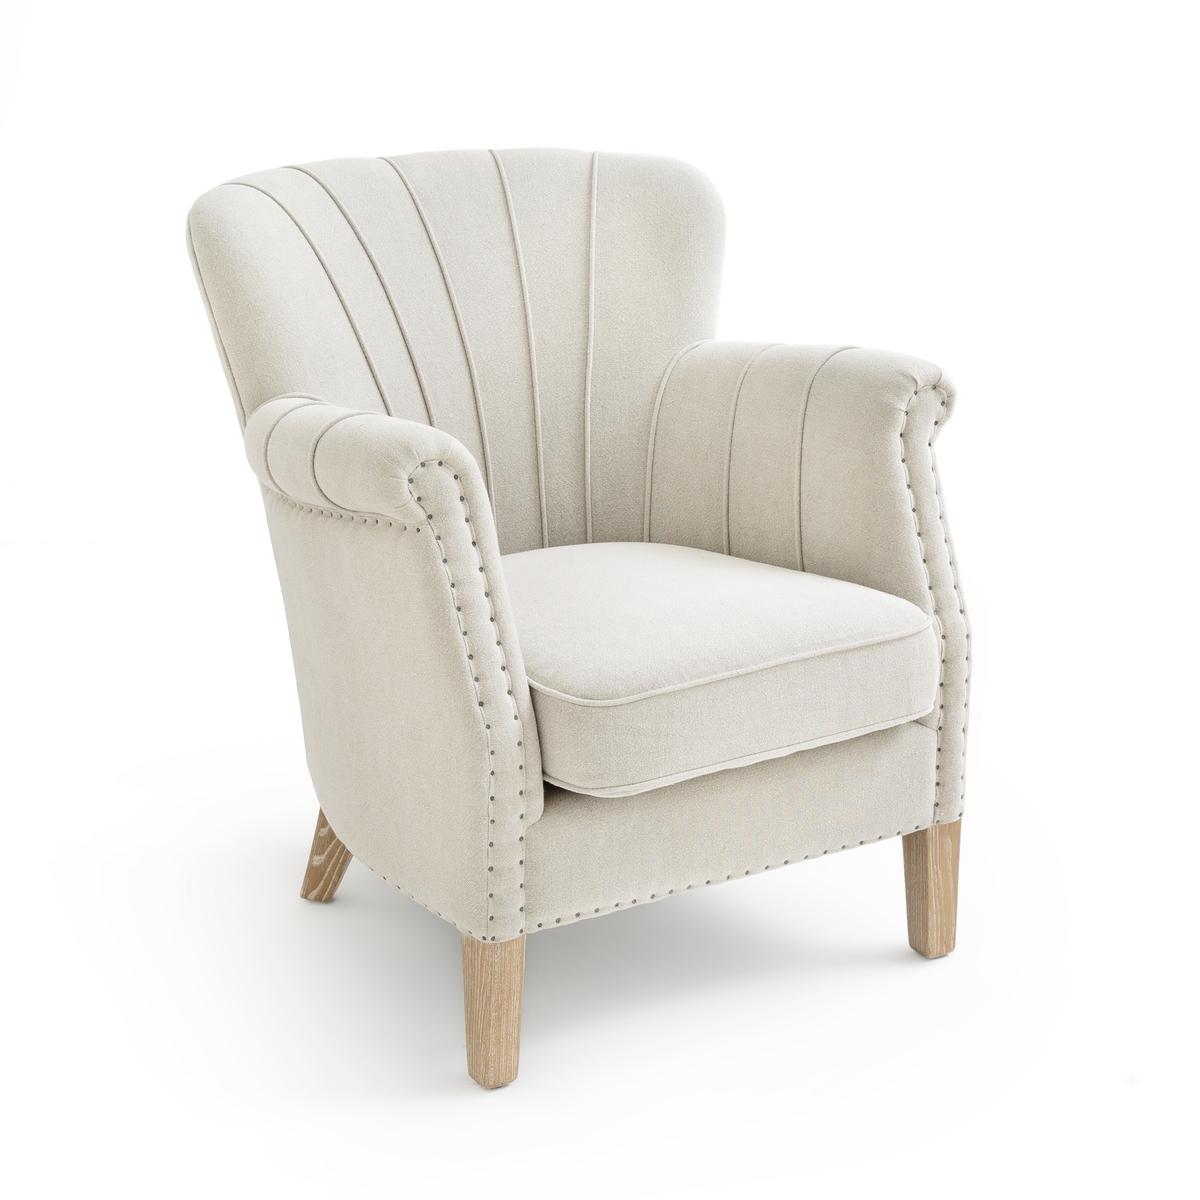 Кресло NOTTINGHAM скамья прикроватная с обивкой nottingham